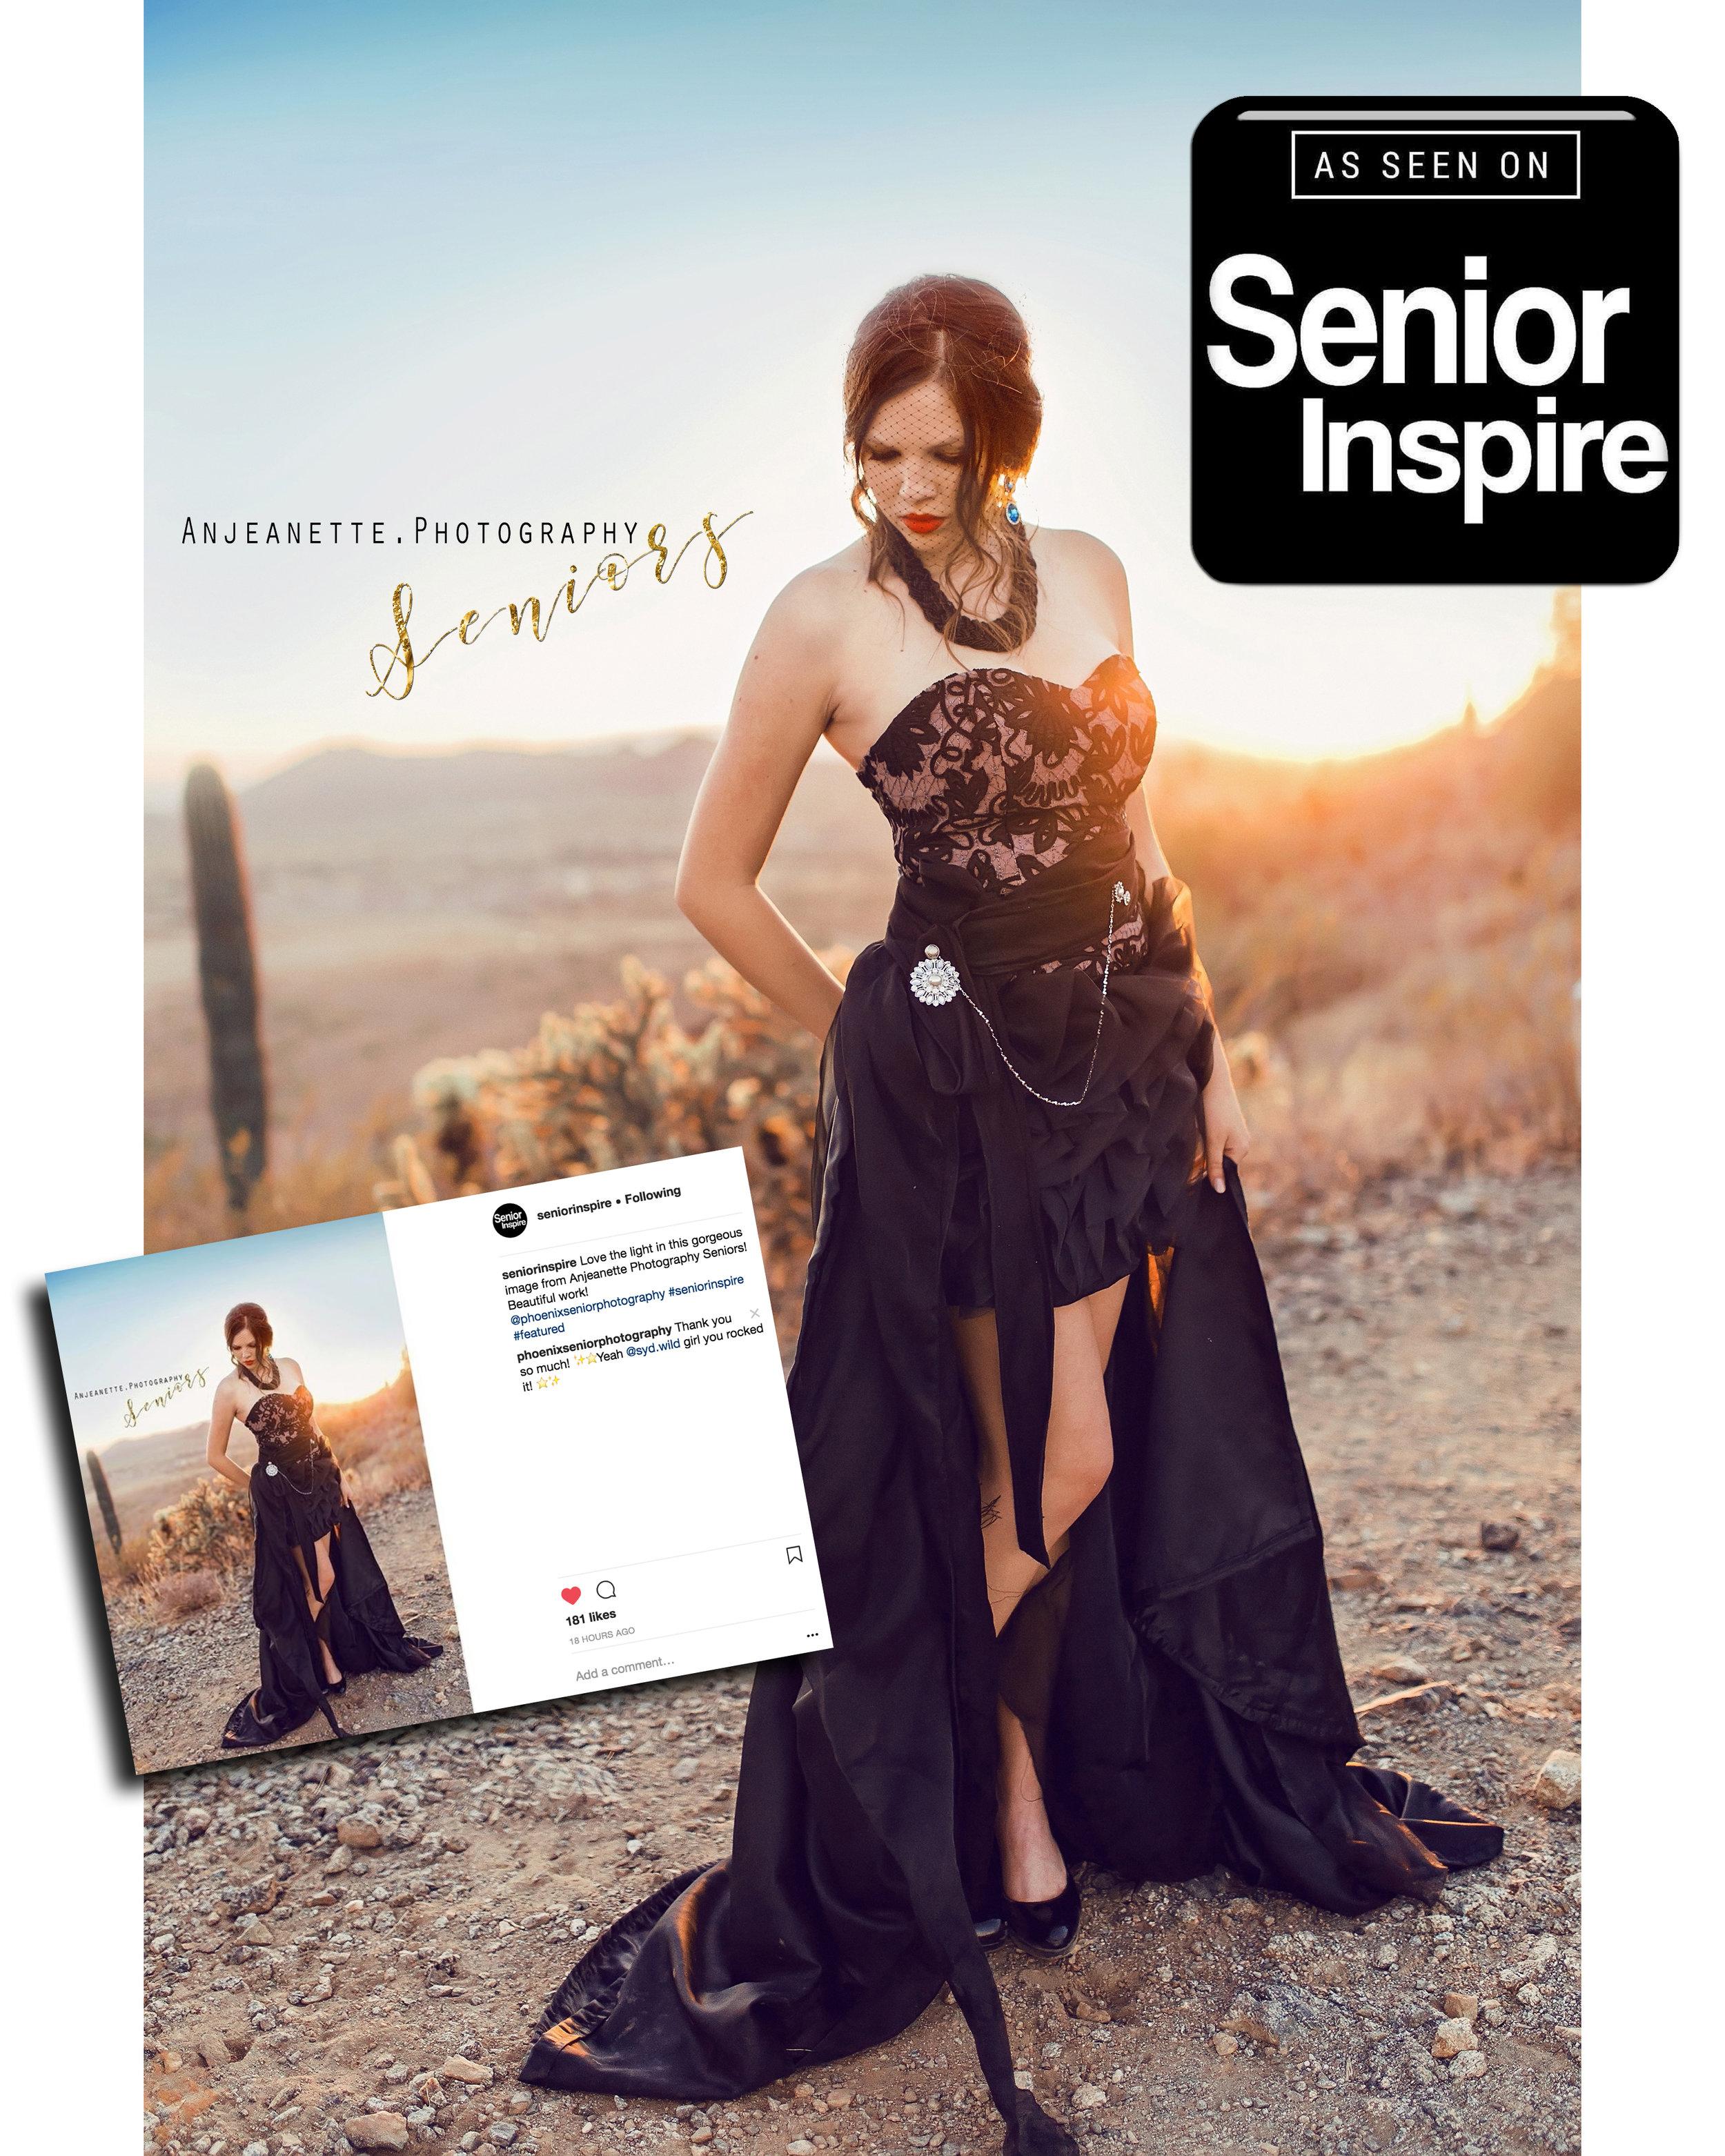 sen inspire feature image.jpg